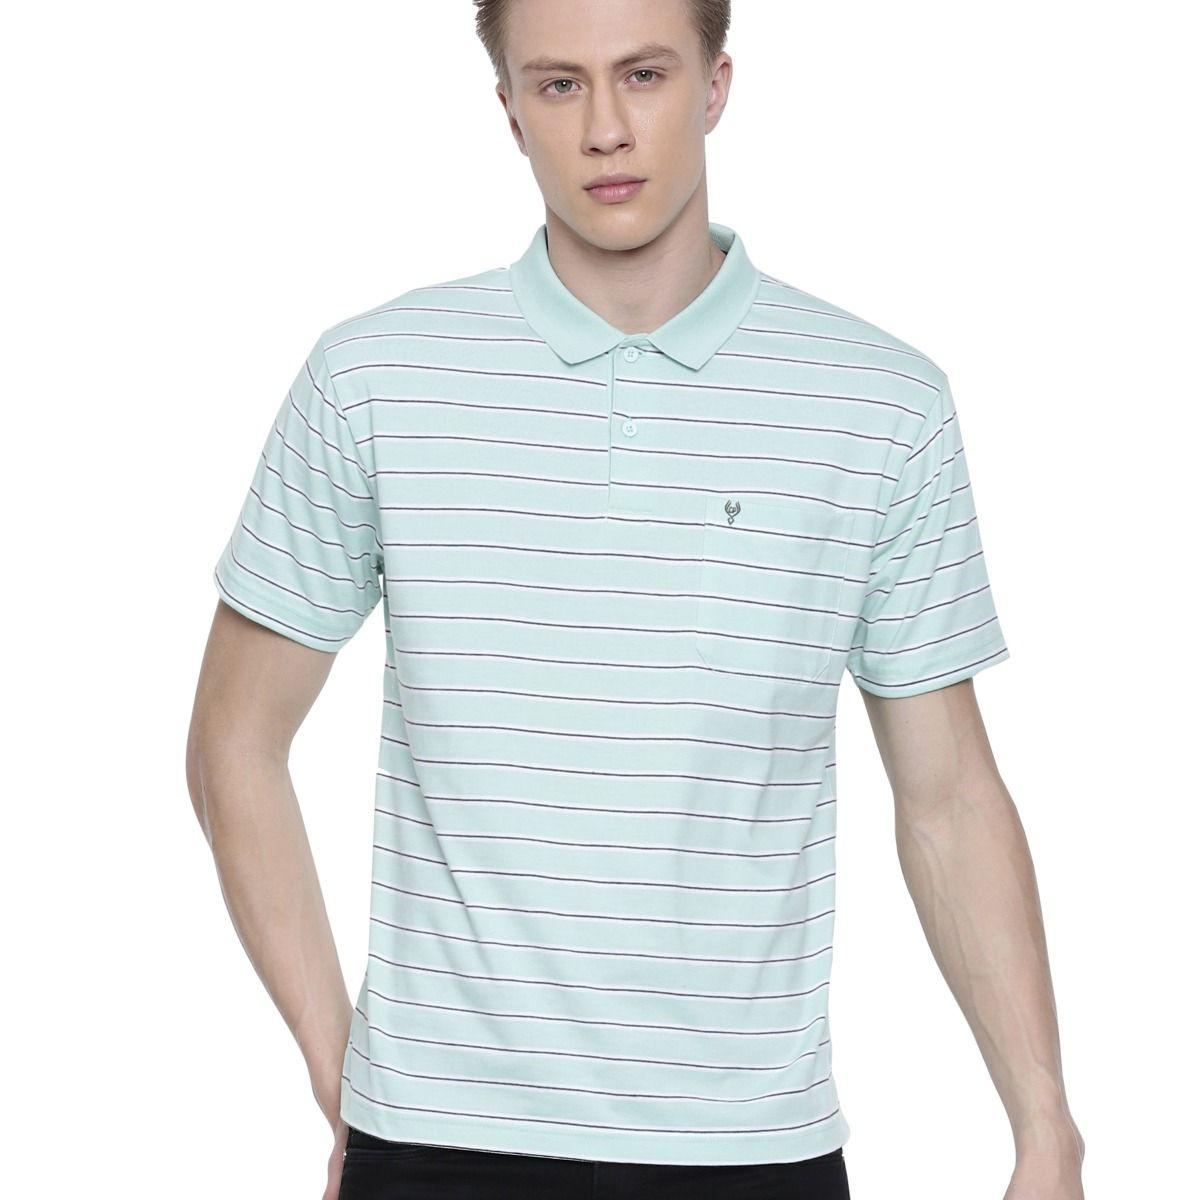 Tshirt No Logo Polo Tshirts Online. Shop for Tshirt No